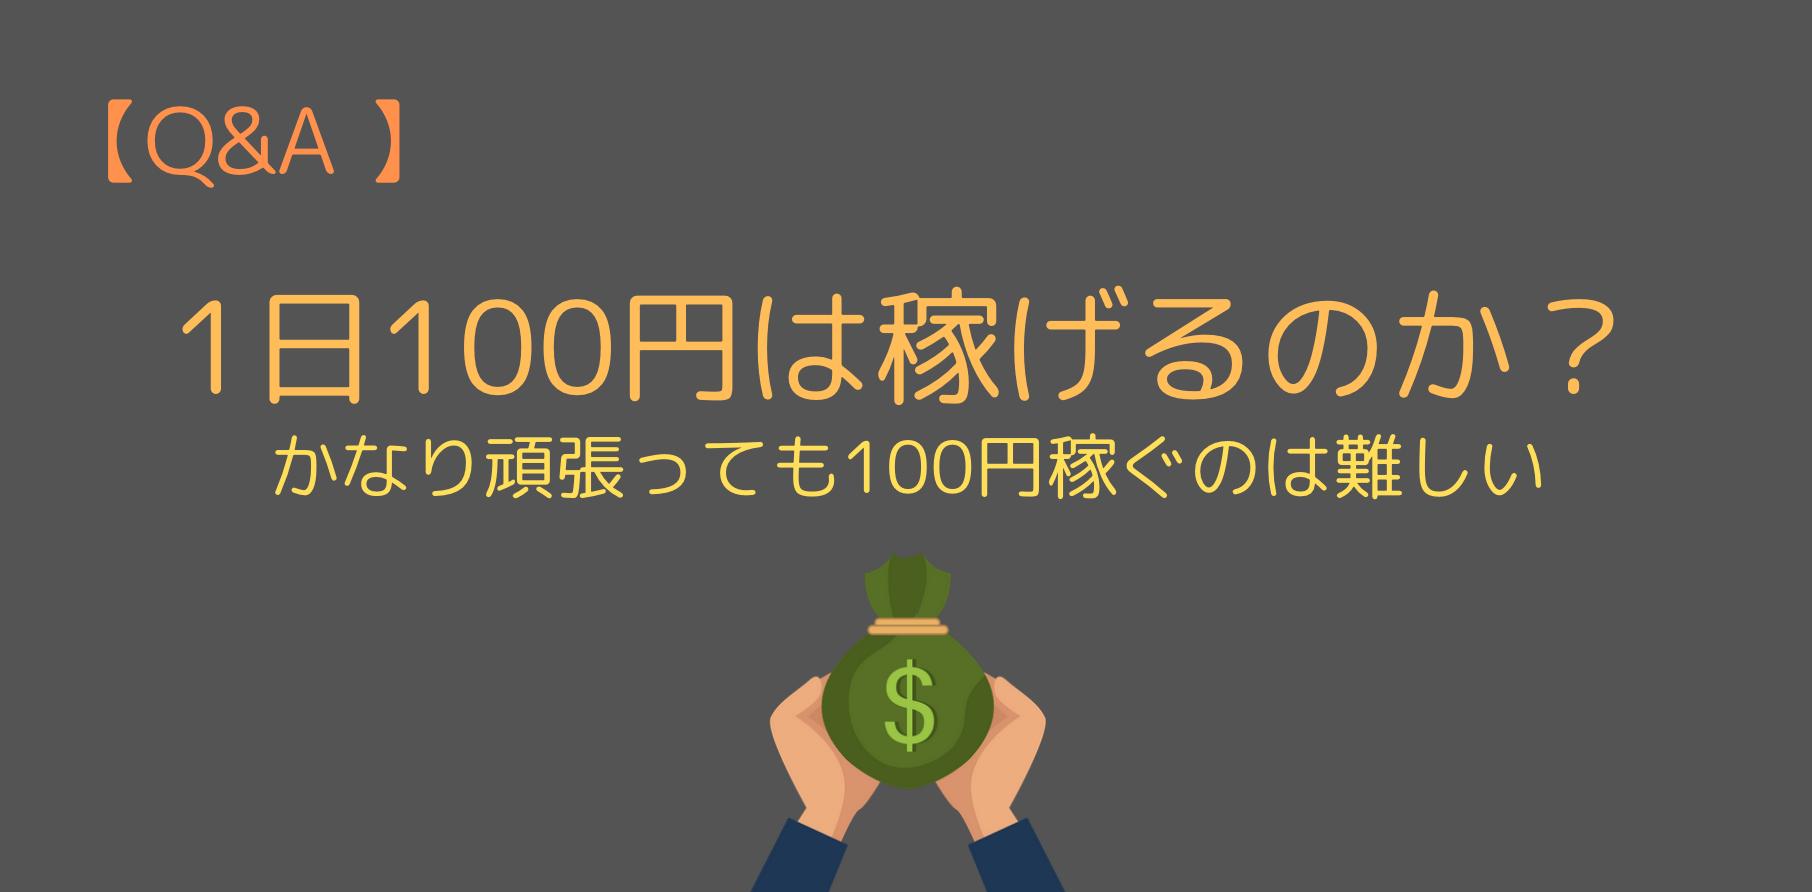 100円以上稼ぐ